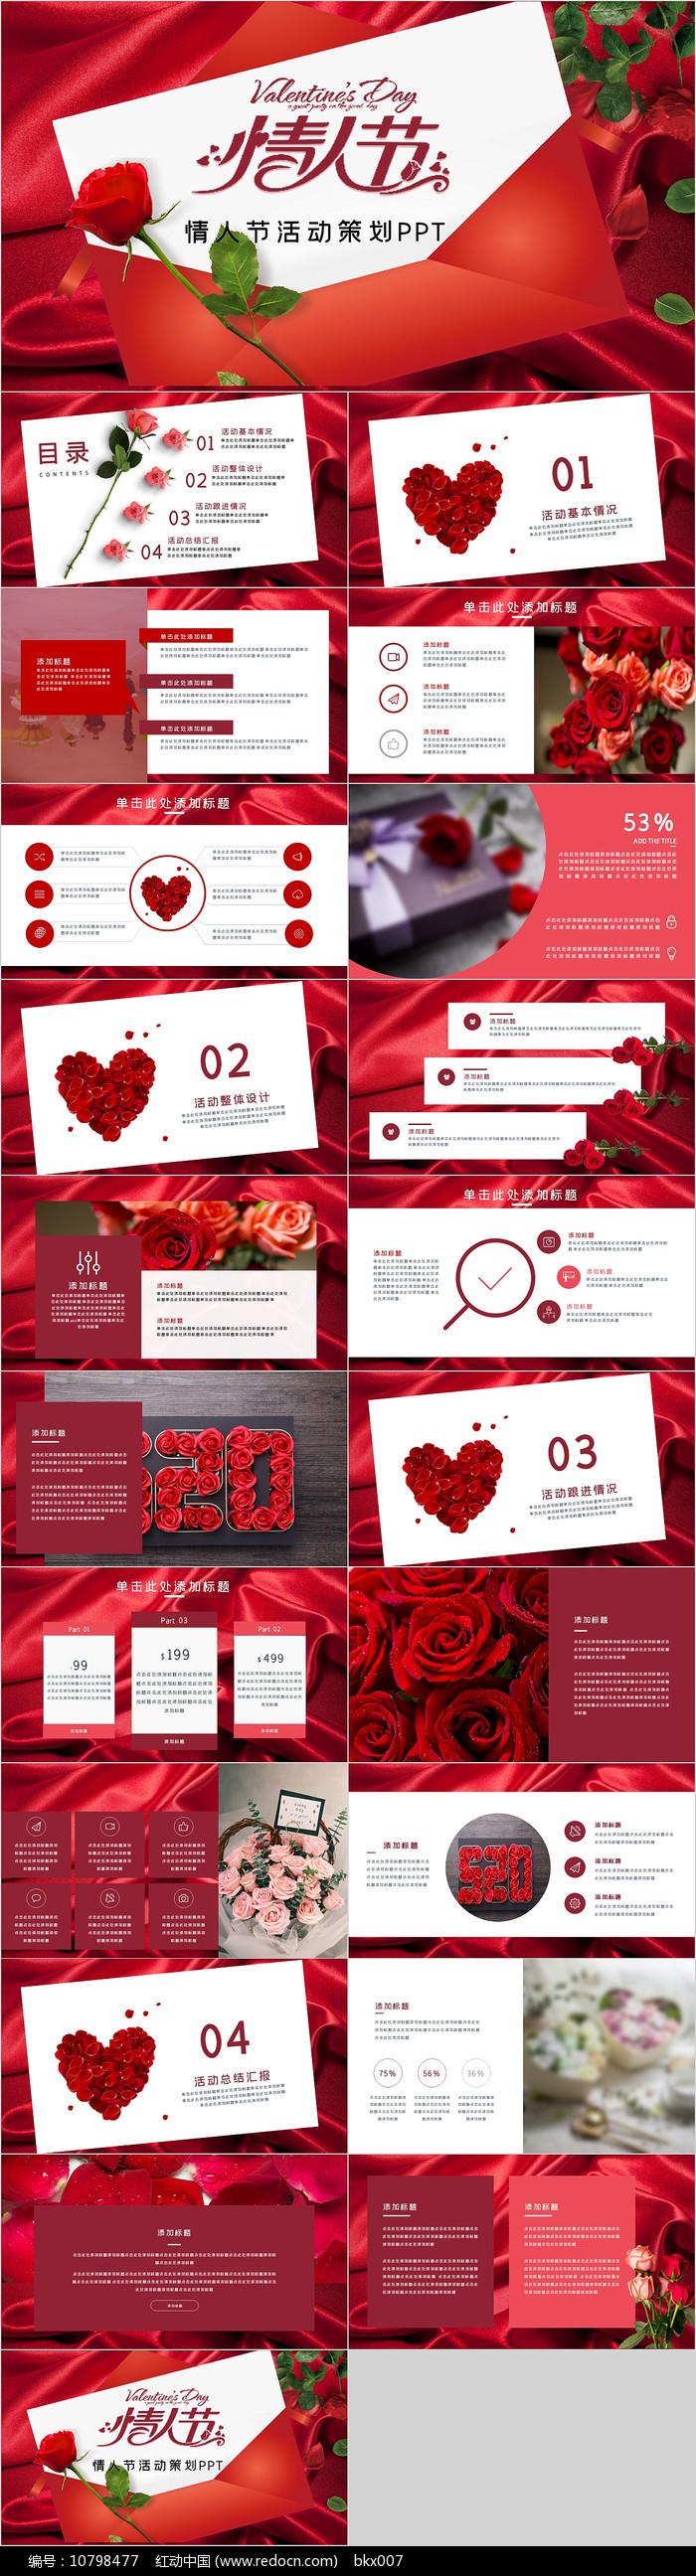 浪漫情人节活动策划PPT模板图片